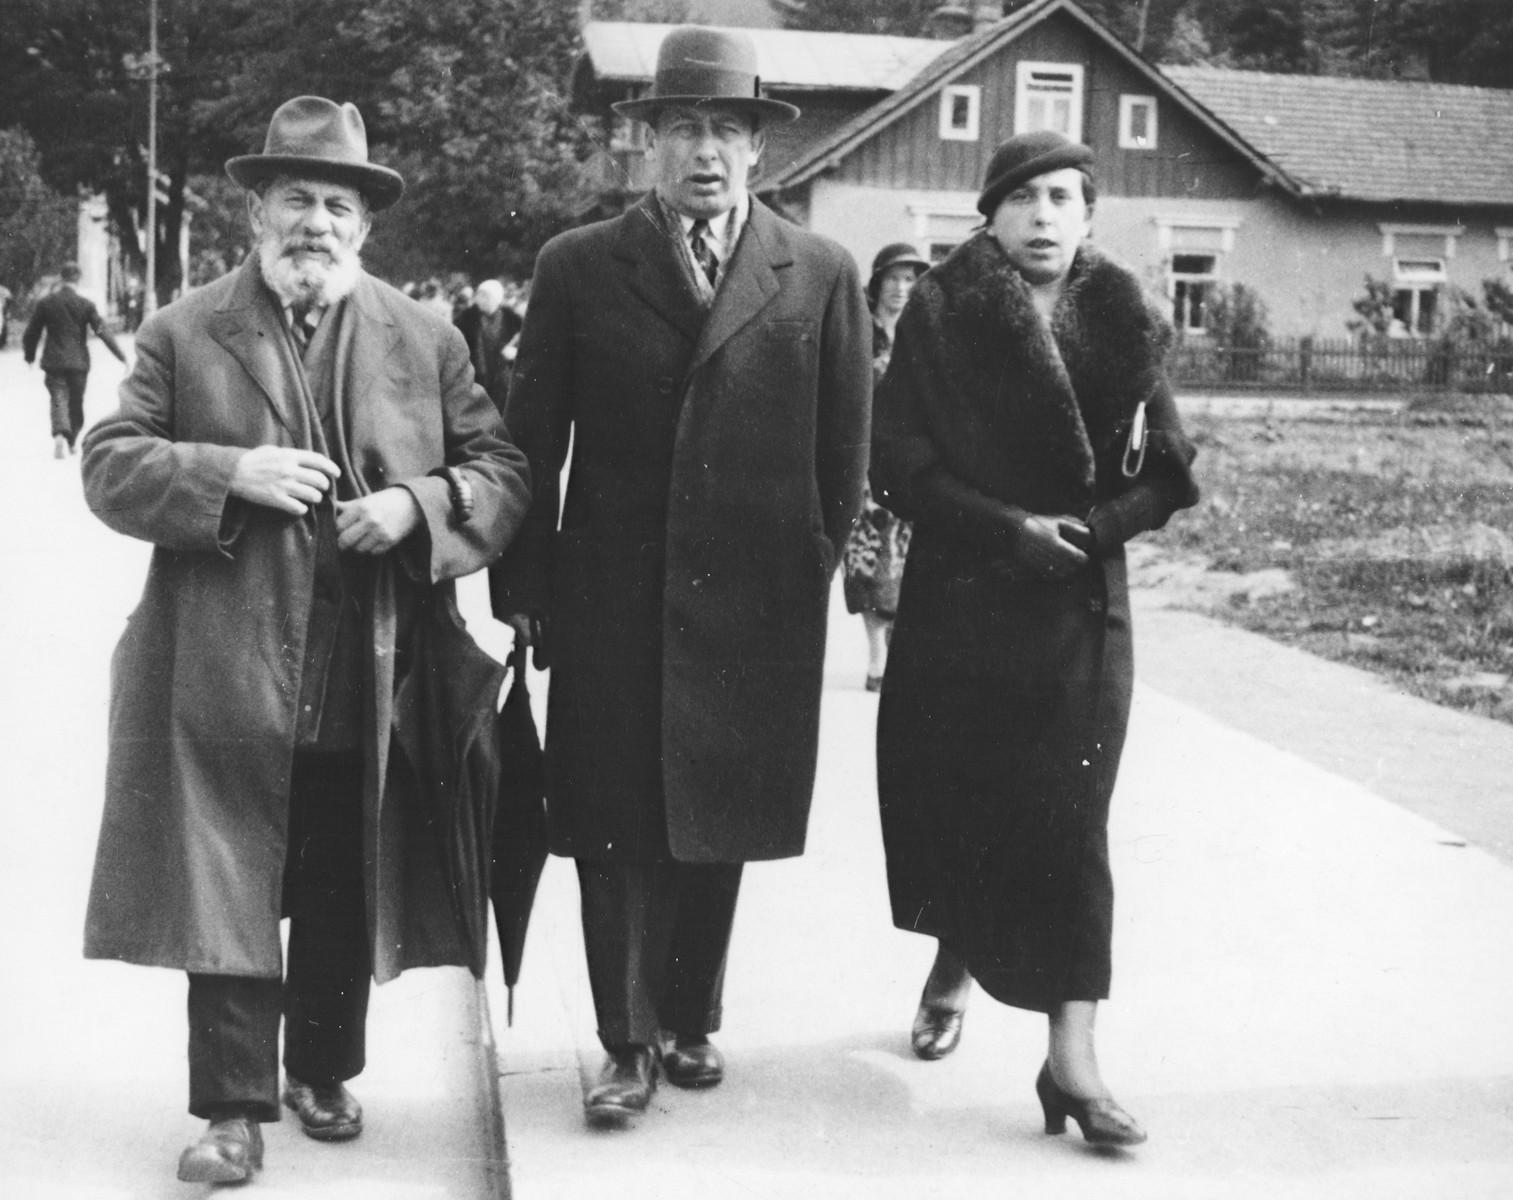 Three Polish Jews enjoy a stroll down a street in Krynica.